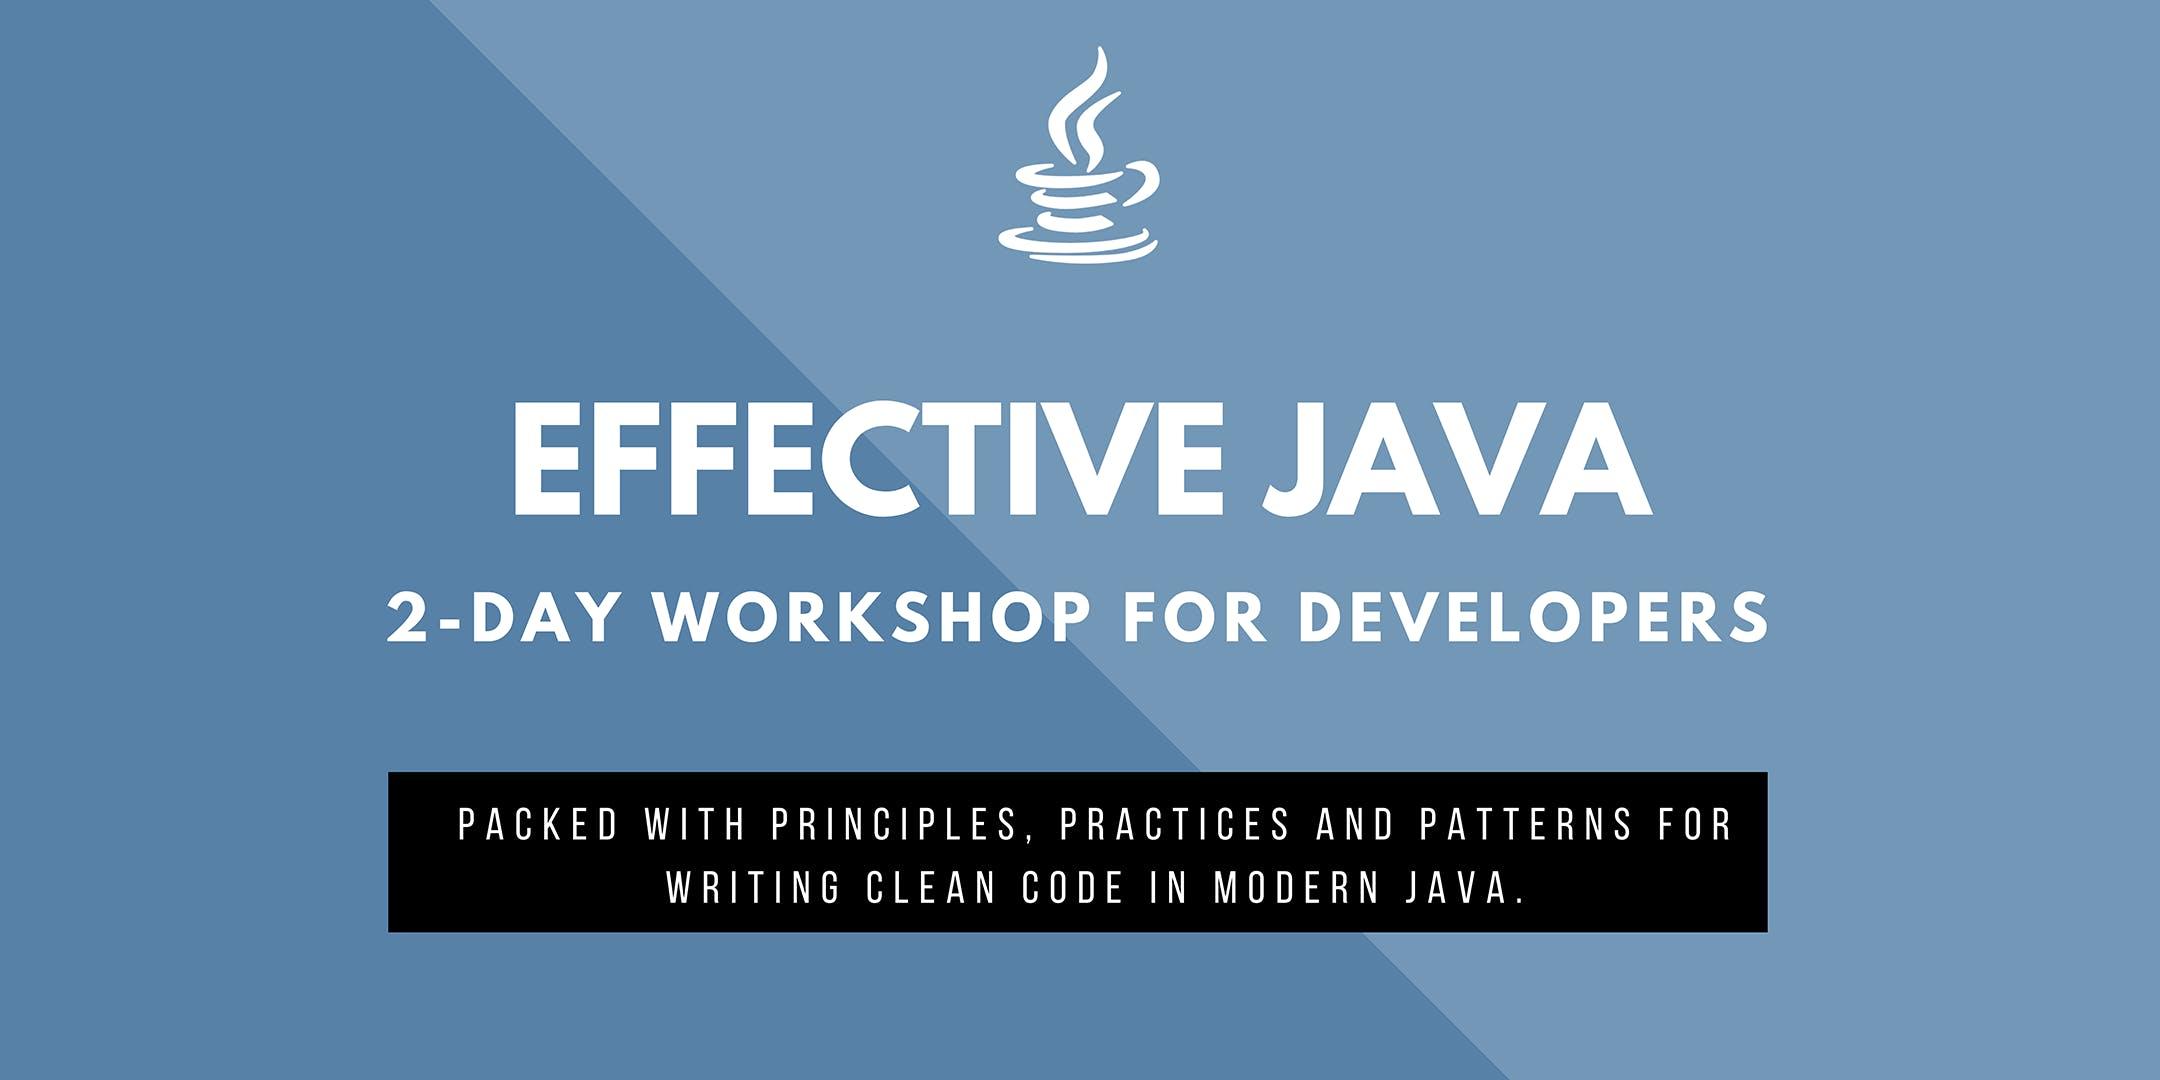 TOP Effective Java 10 for Developers (Dsseldorf)